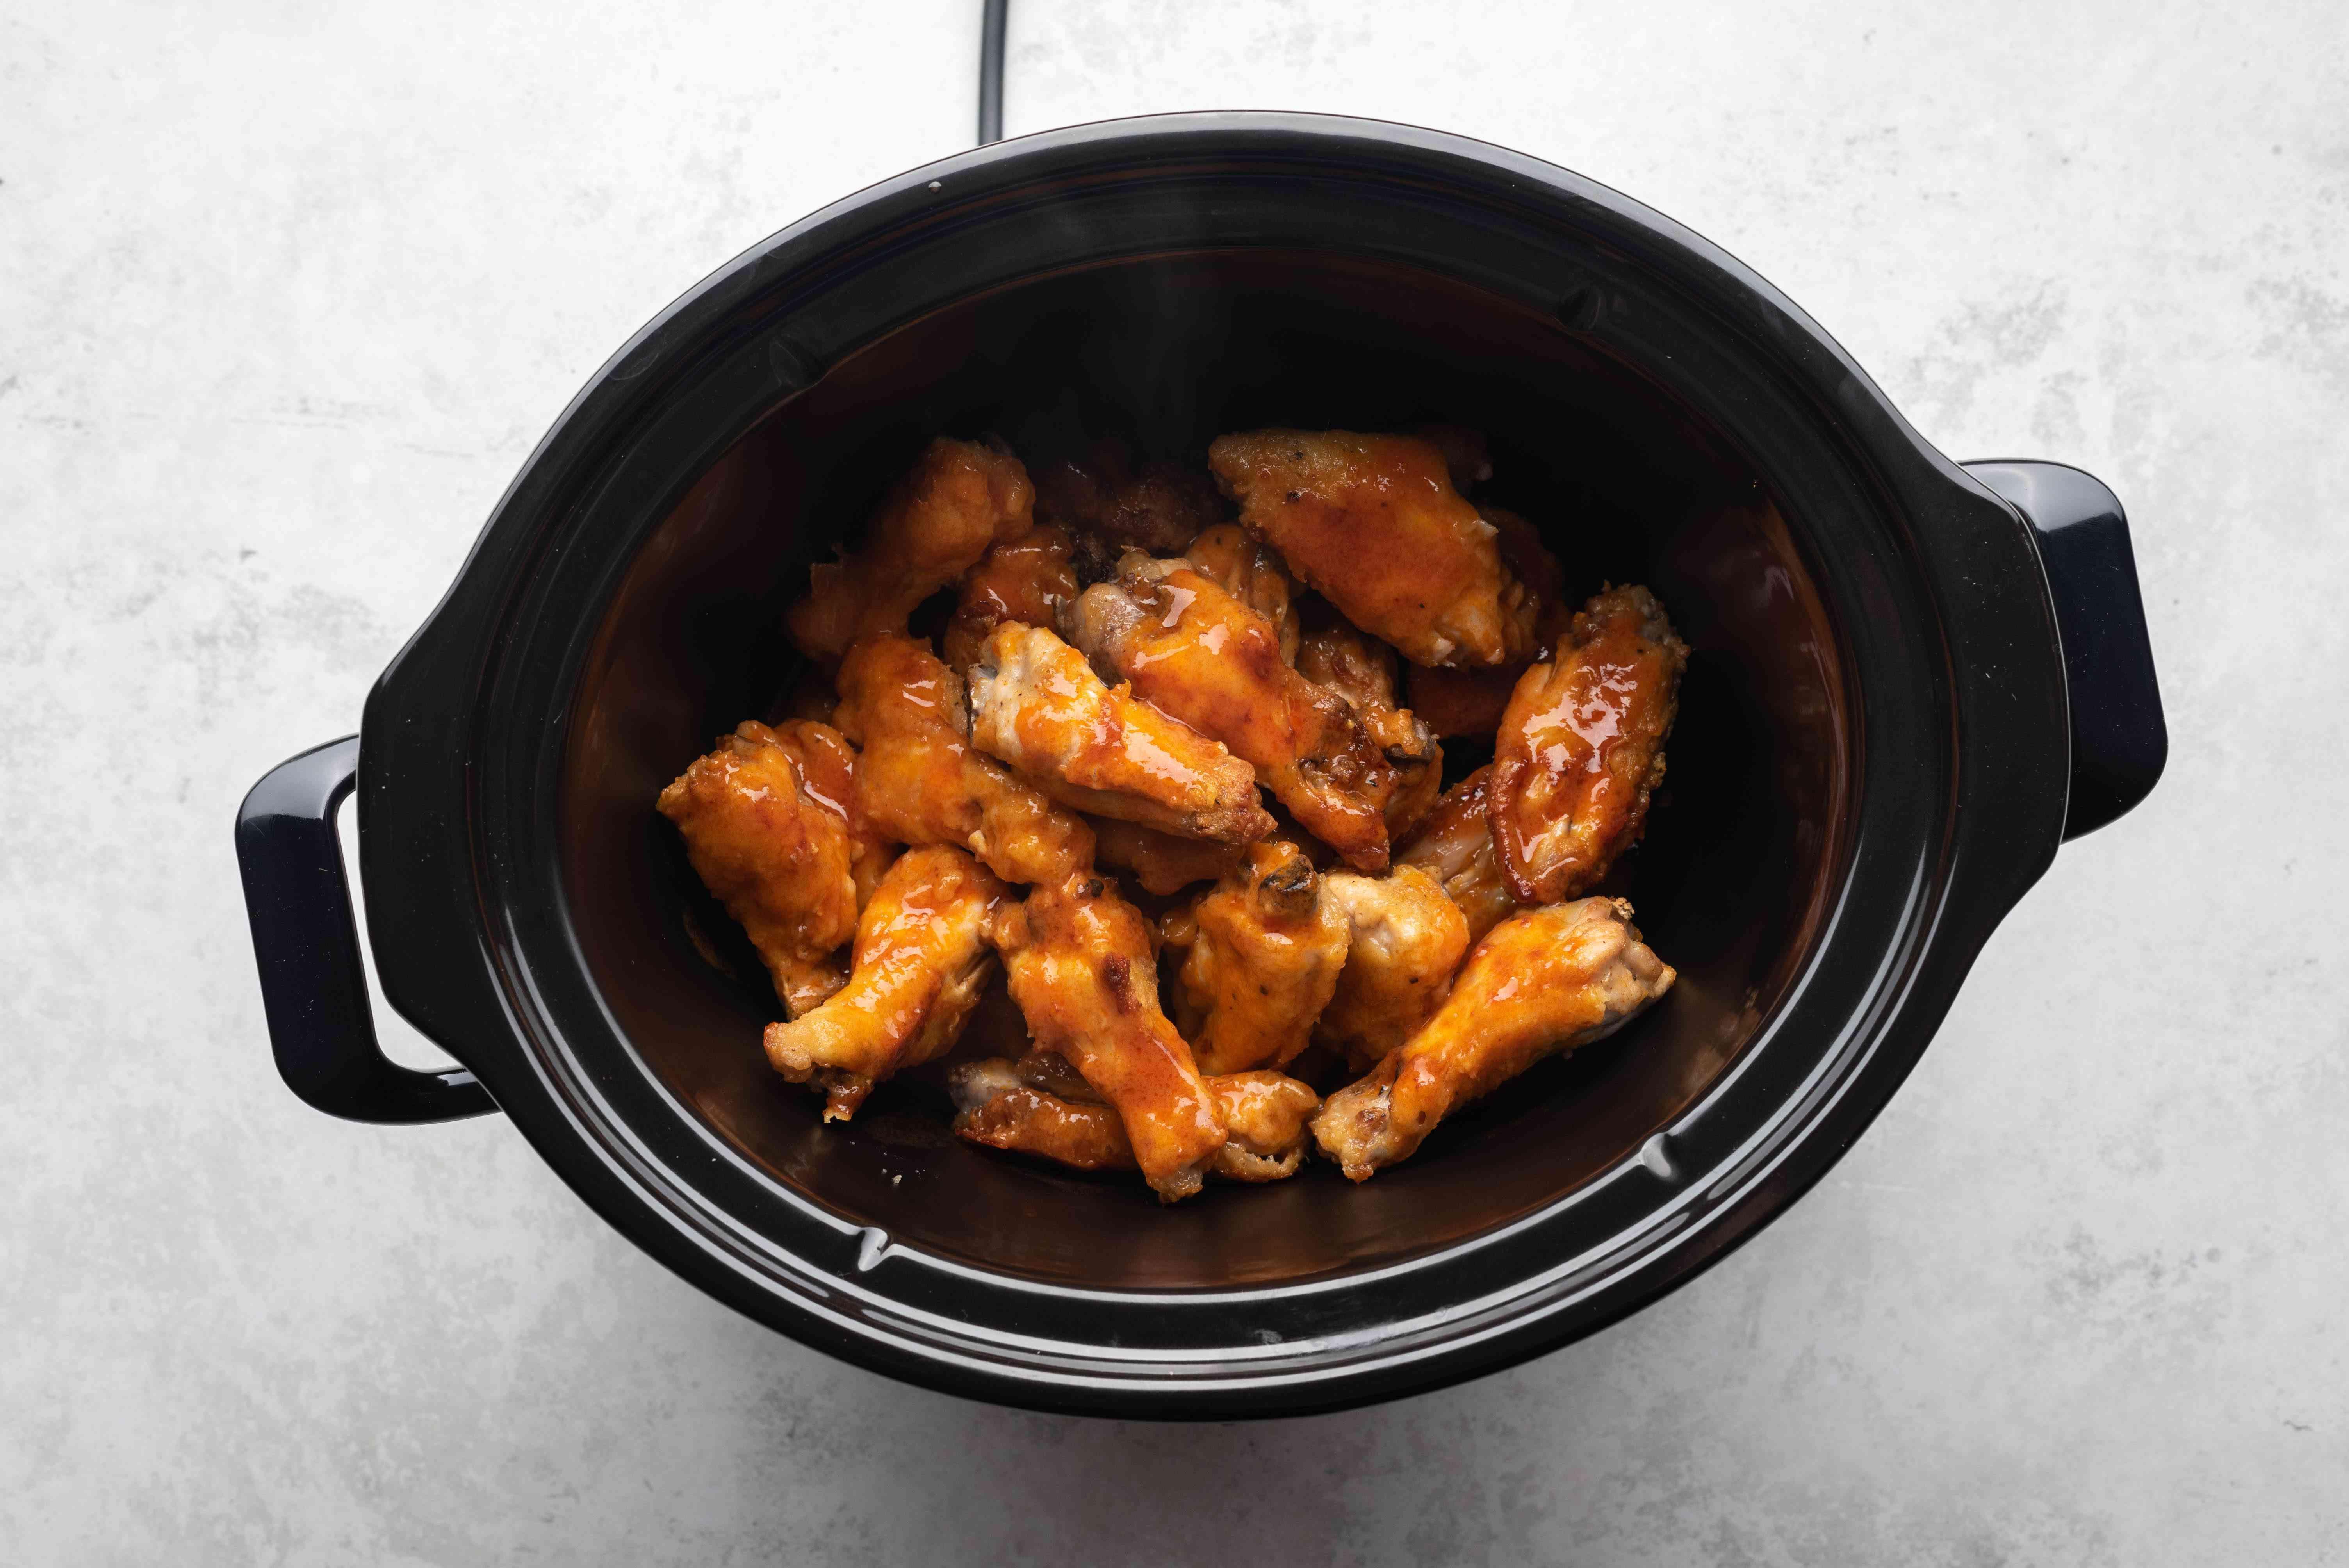 chicken wings in a crockpot